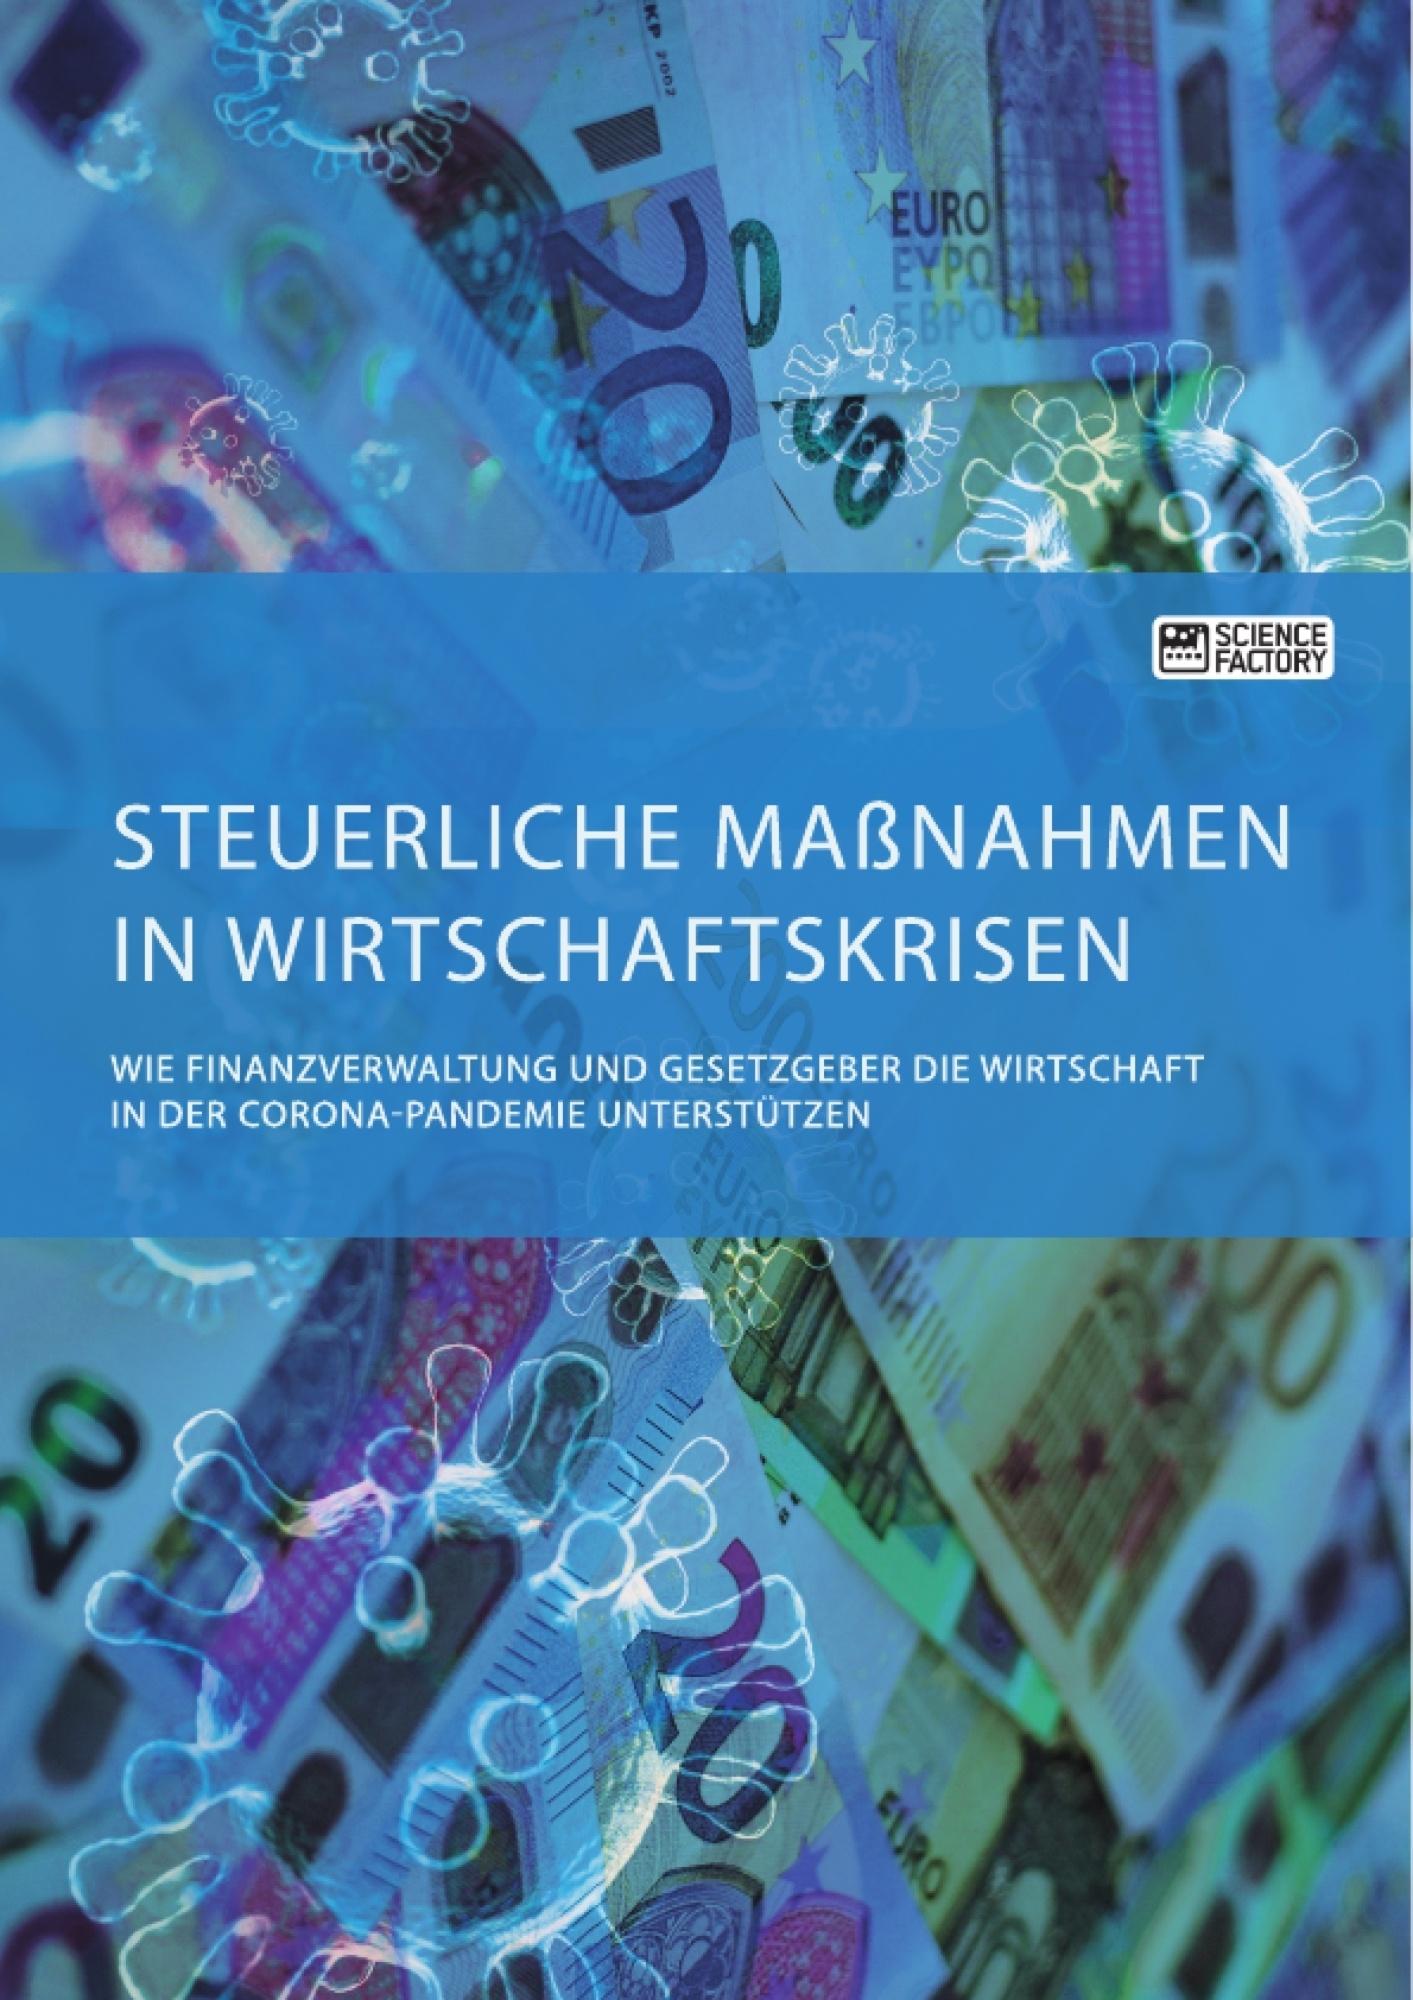 Titel: Steuerliche Maßnahmen in Wirtschaftskrisen. Wie Finanzverwaltung und Gesetzgeber die Wirtschaft in der Corona-Pandemie unterstützen